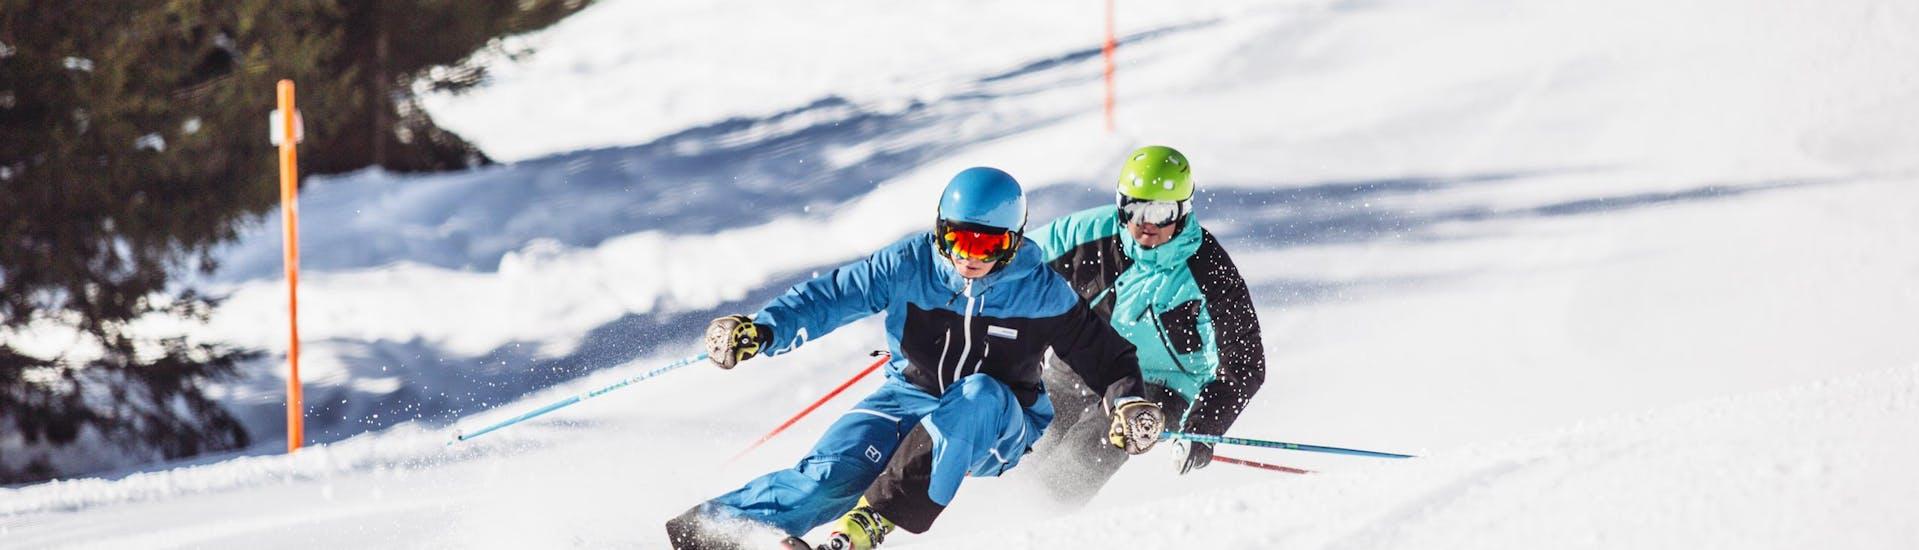 Privater Skikurs für Erwachsene aller Levels - Vormittag